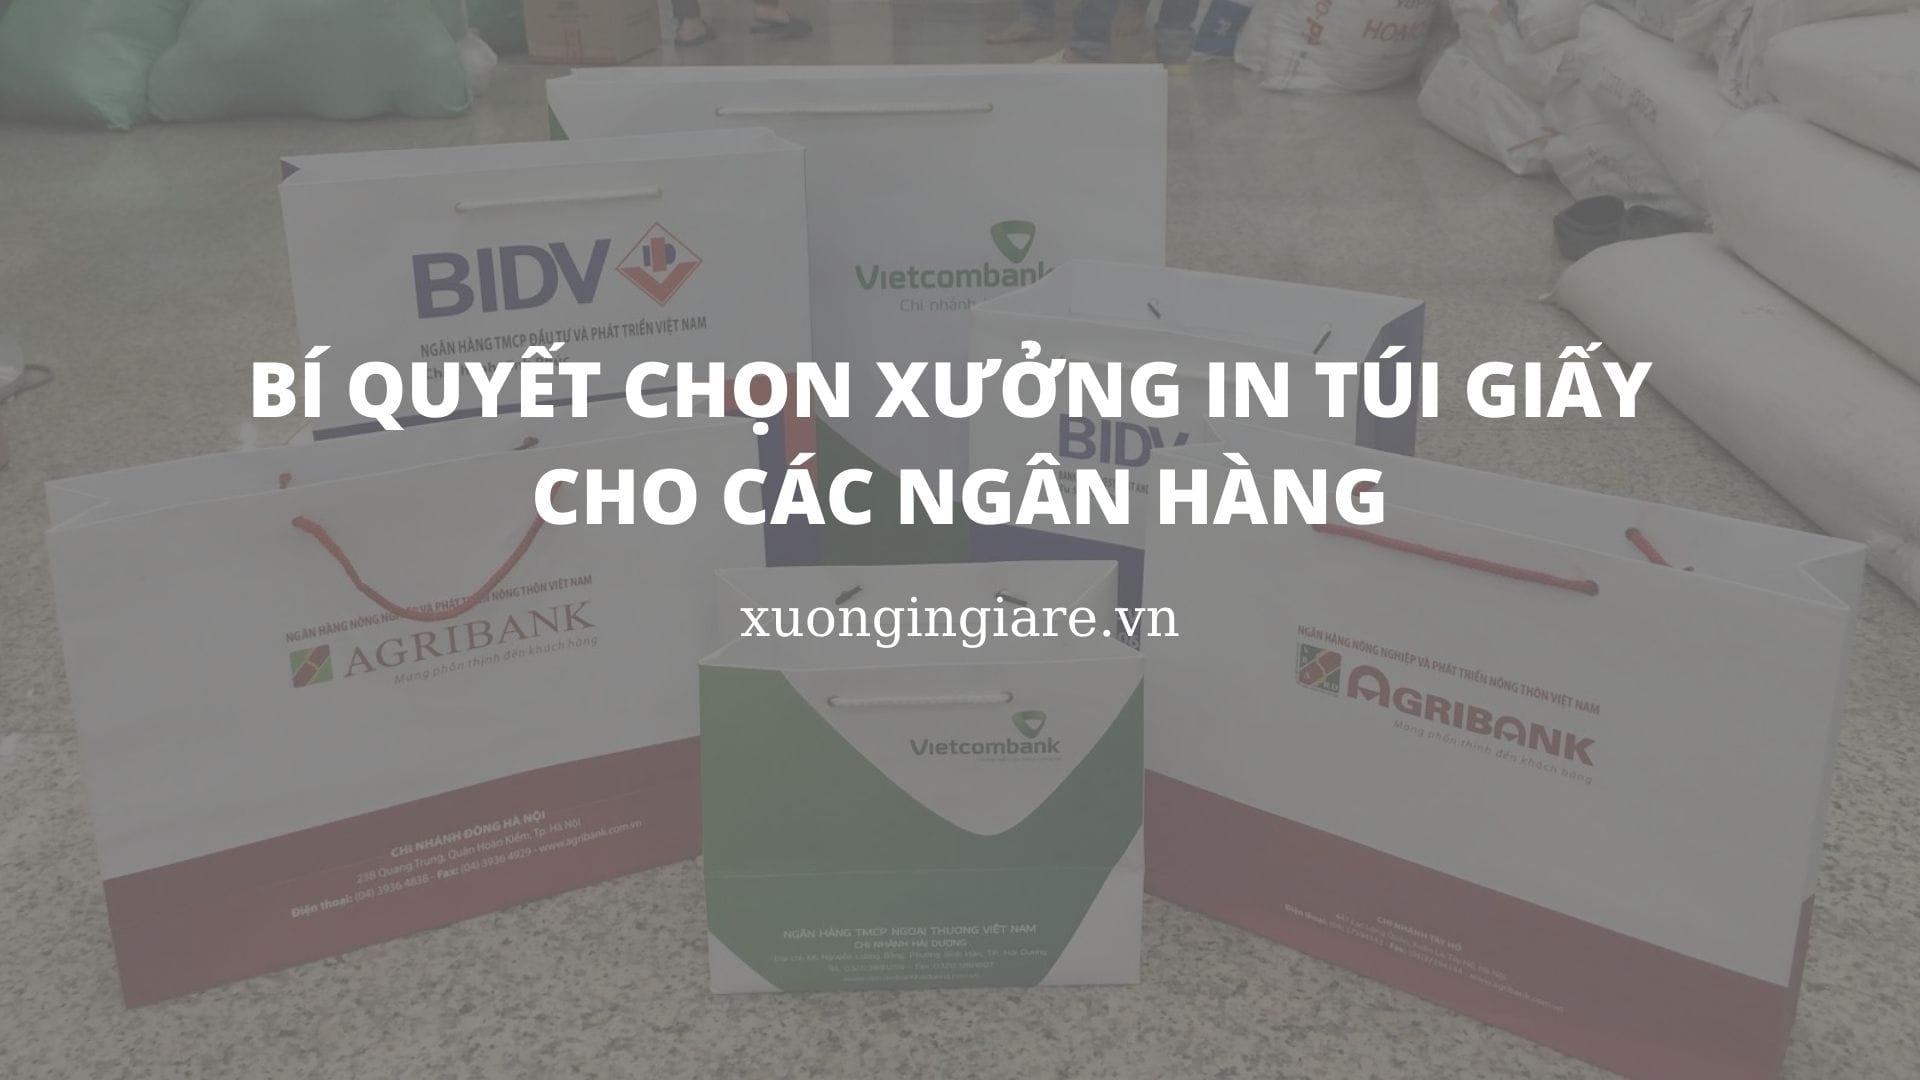 bi-quyet-chon-xuong-in-tui-giay-cho-cac-ngan-hang